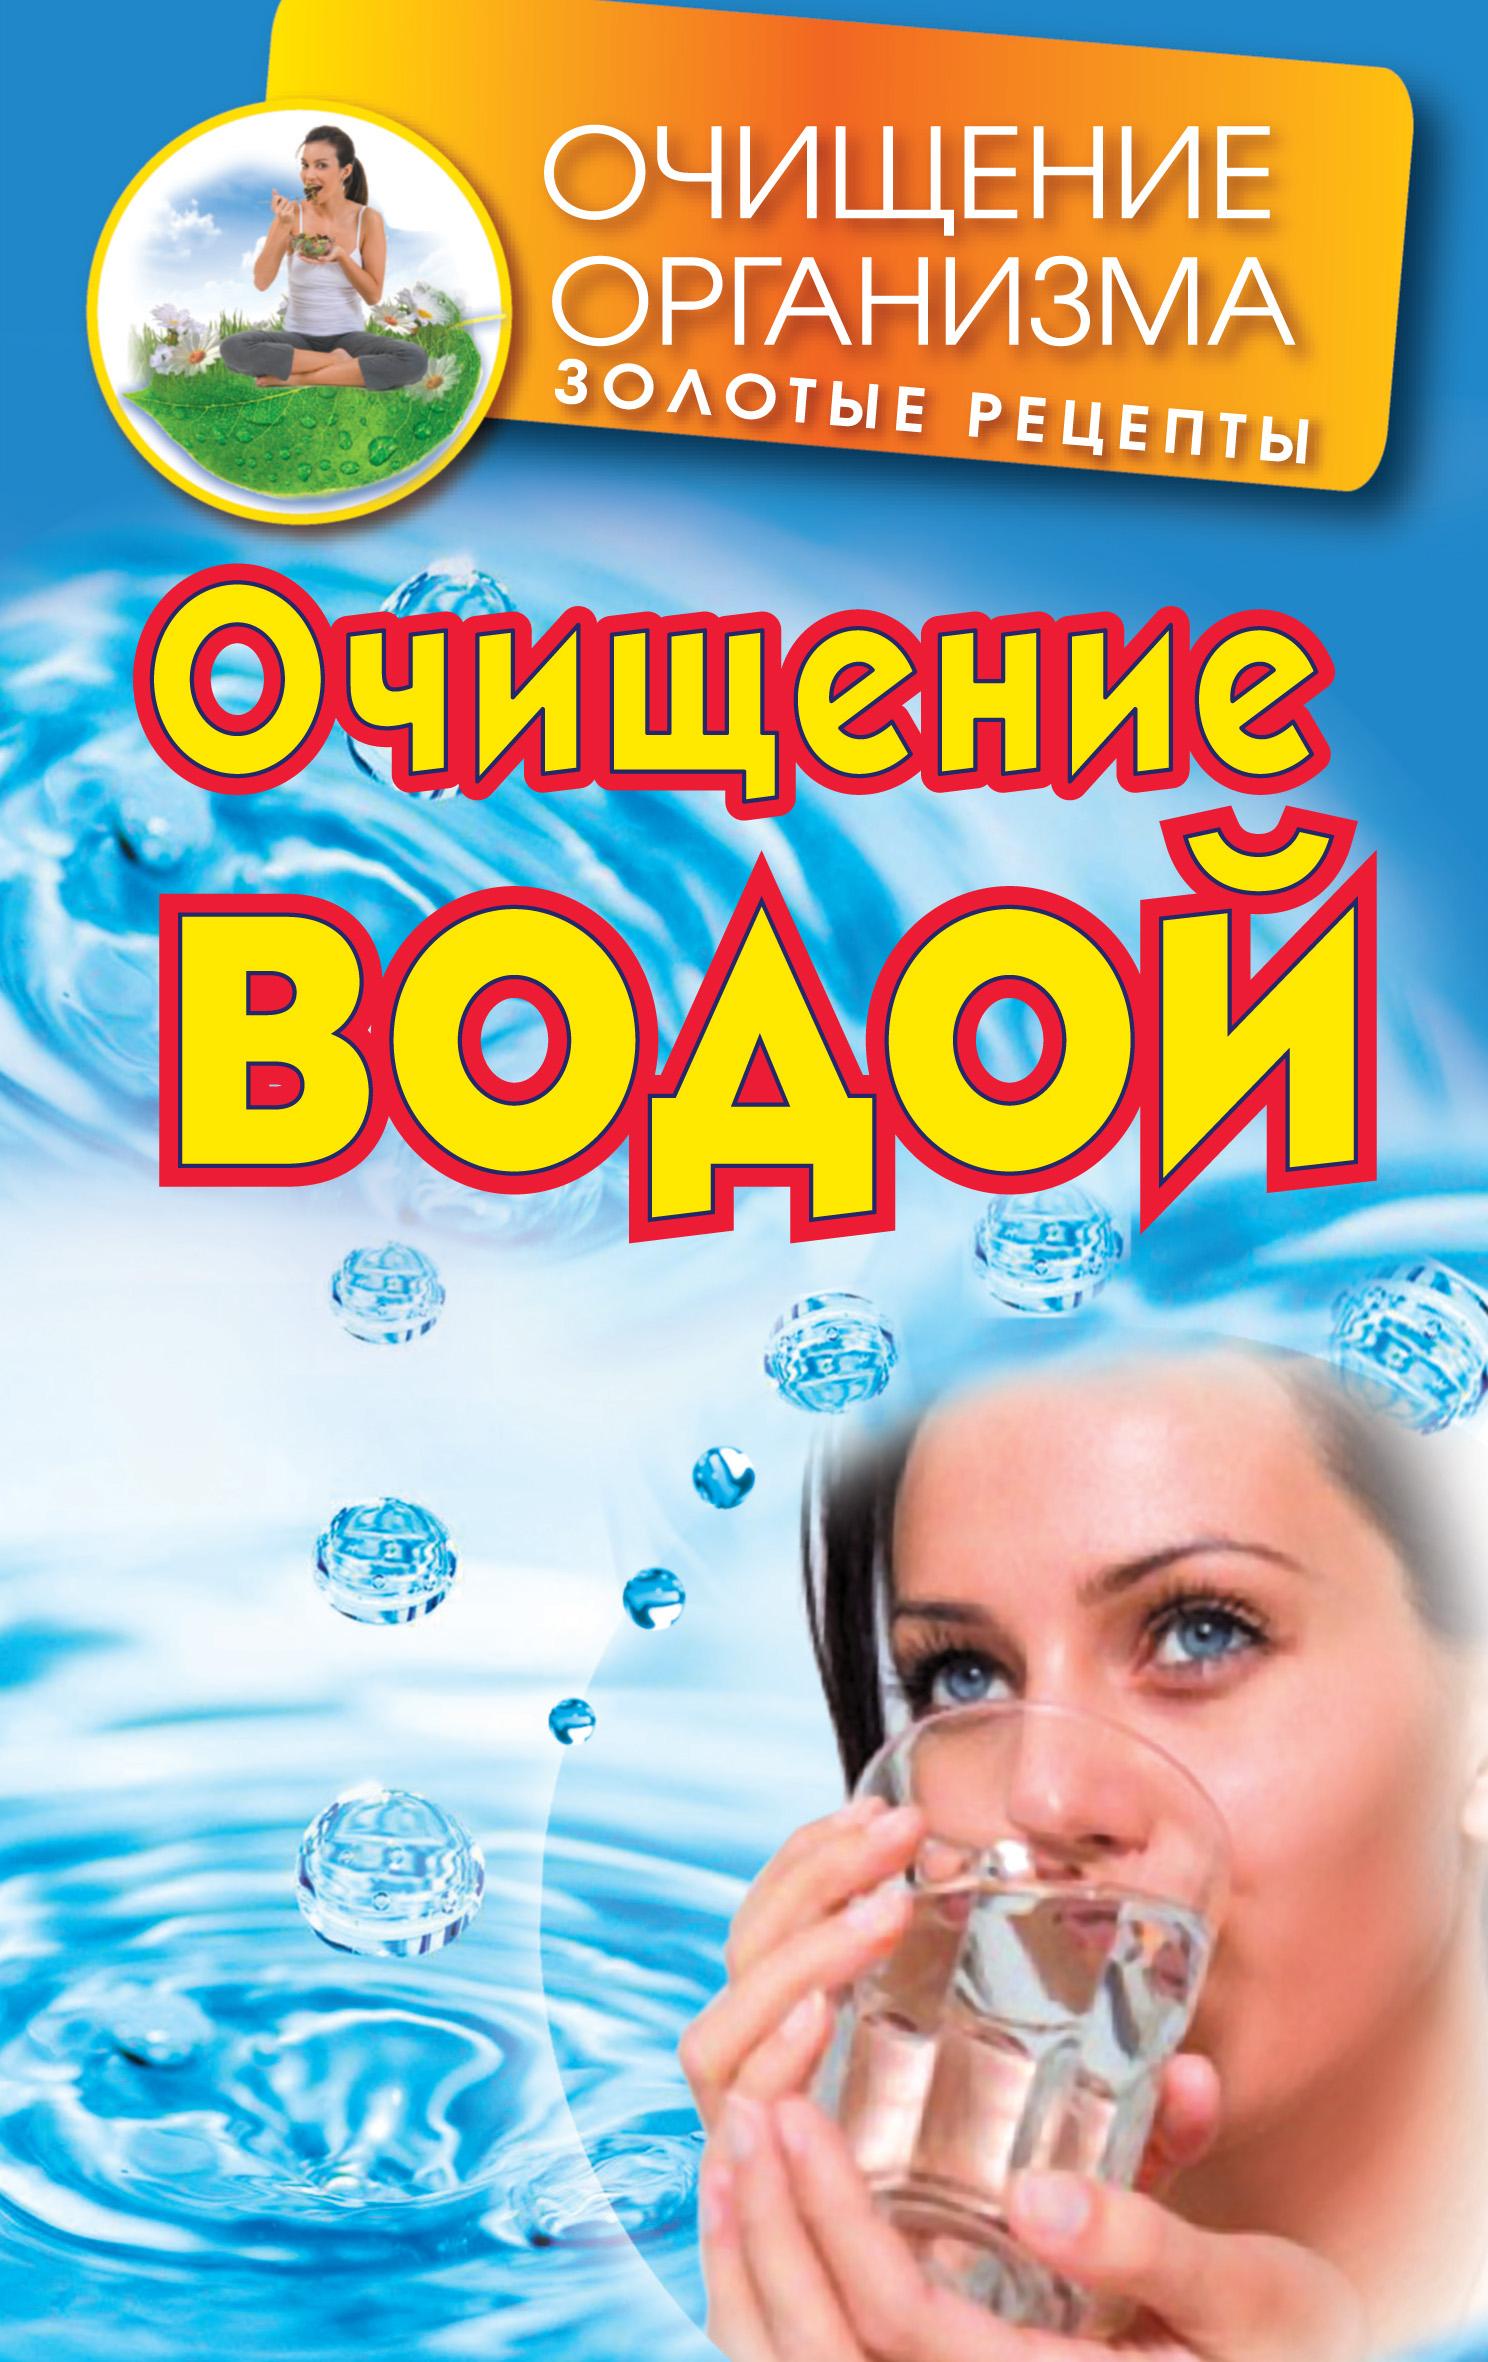 Очищение водой